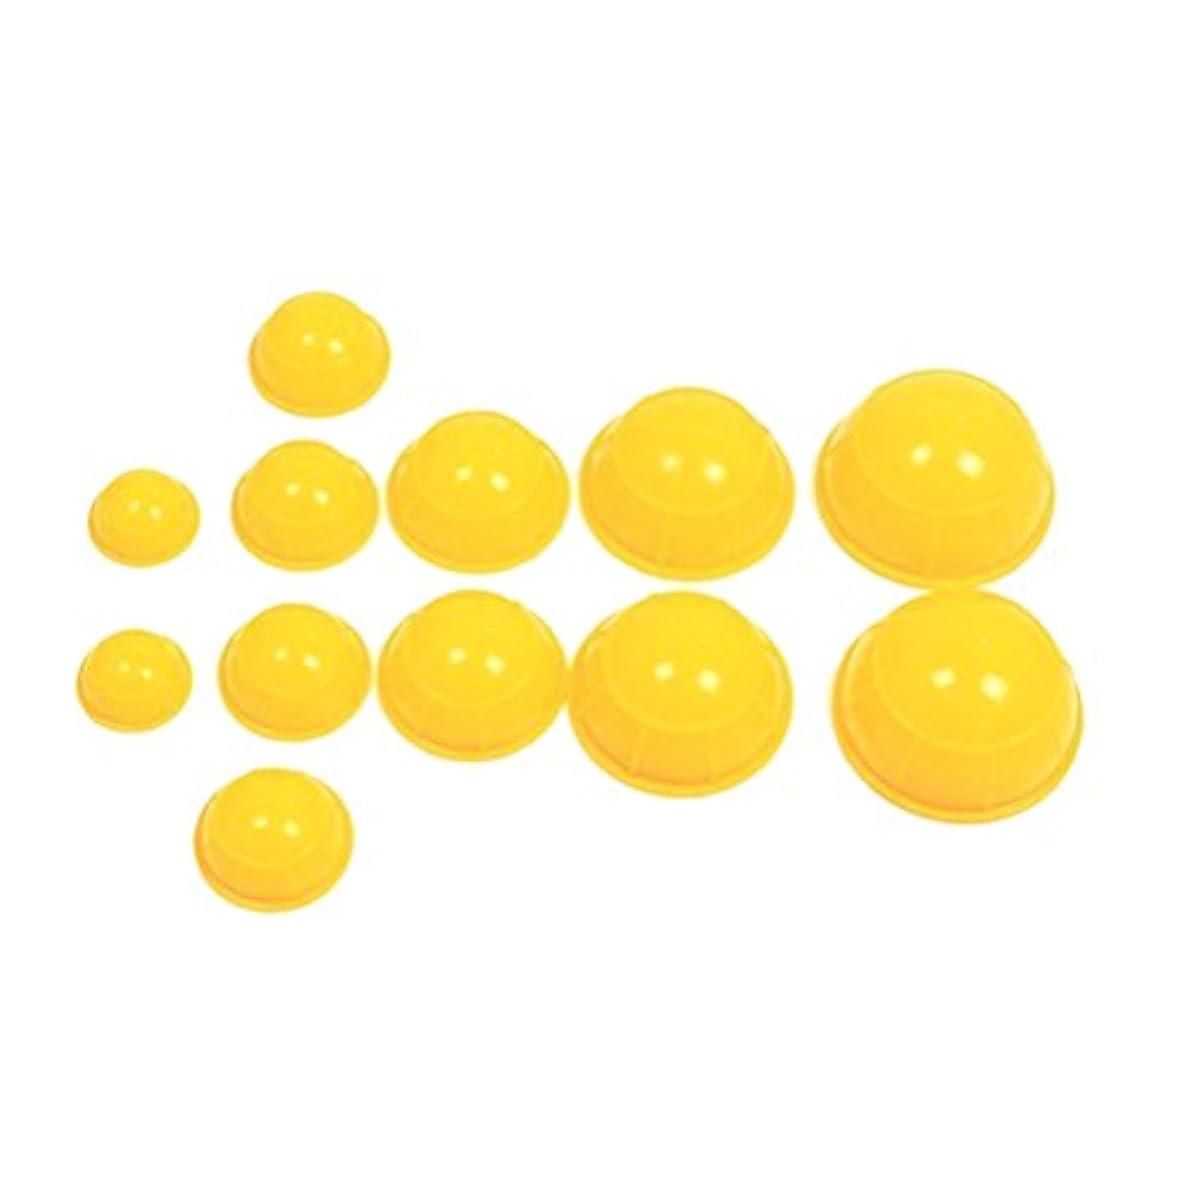 リスク寛容な集中ROSENICE シリコーンマッサージカッピングカップセットボディフェイシャルセラピーカッピングカップ12個(イエロー)